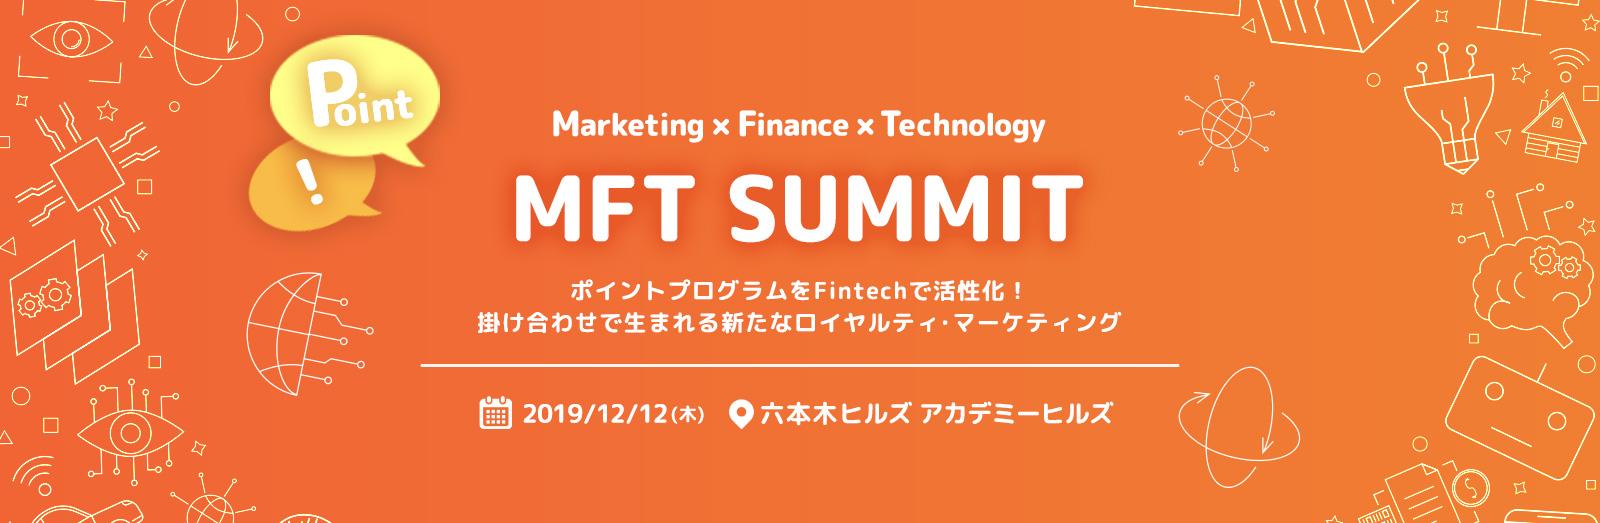 MFT SUMMIT ポイントプログラムをFintechで活性化!掛け合わせで生まれる新たなロイヤルティ・マーケティング